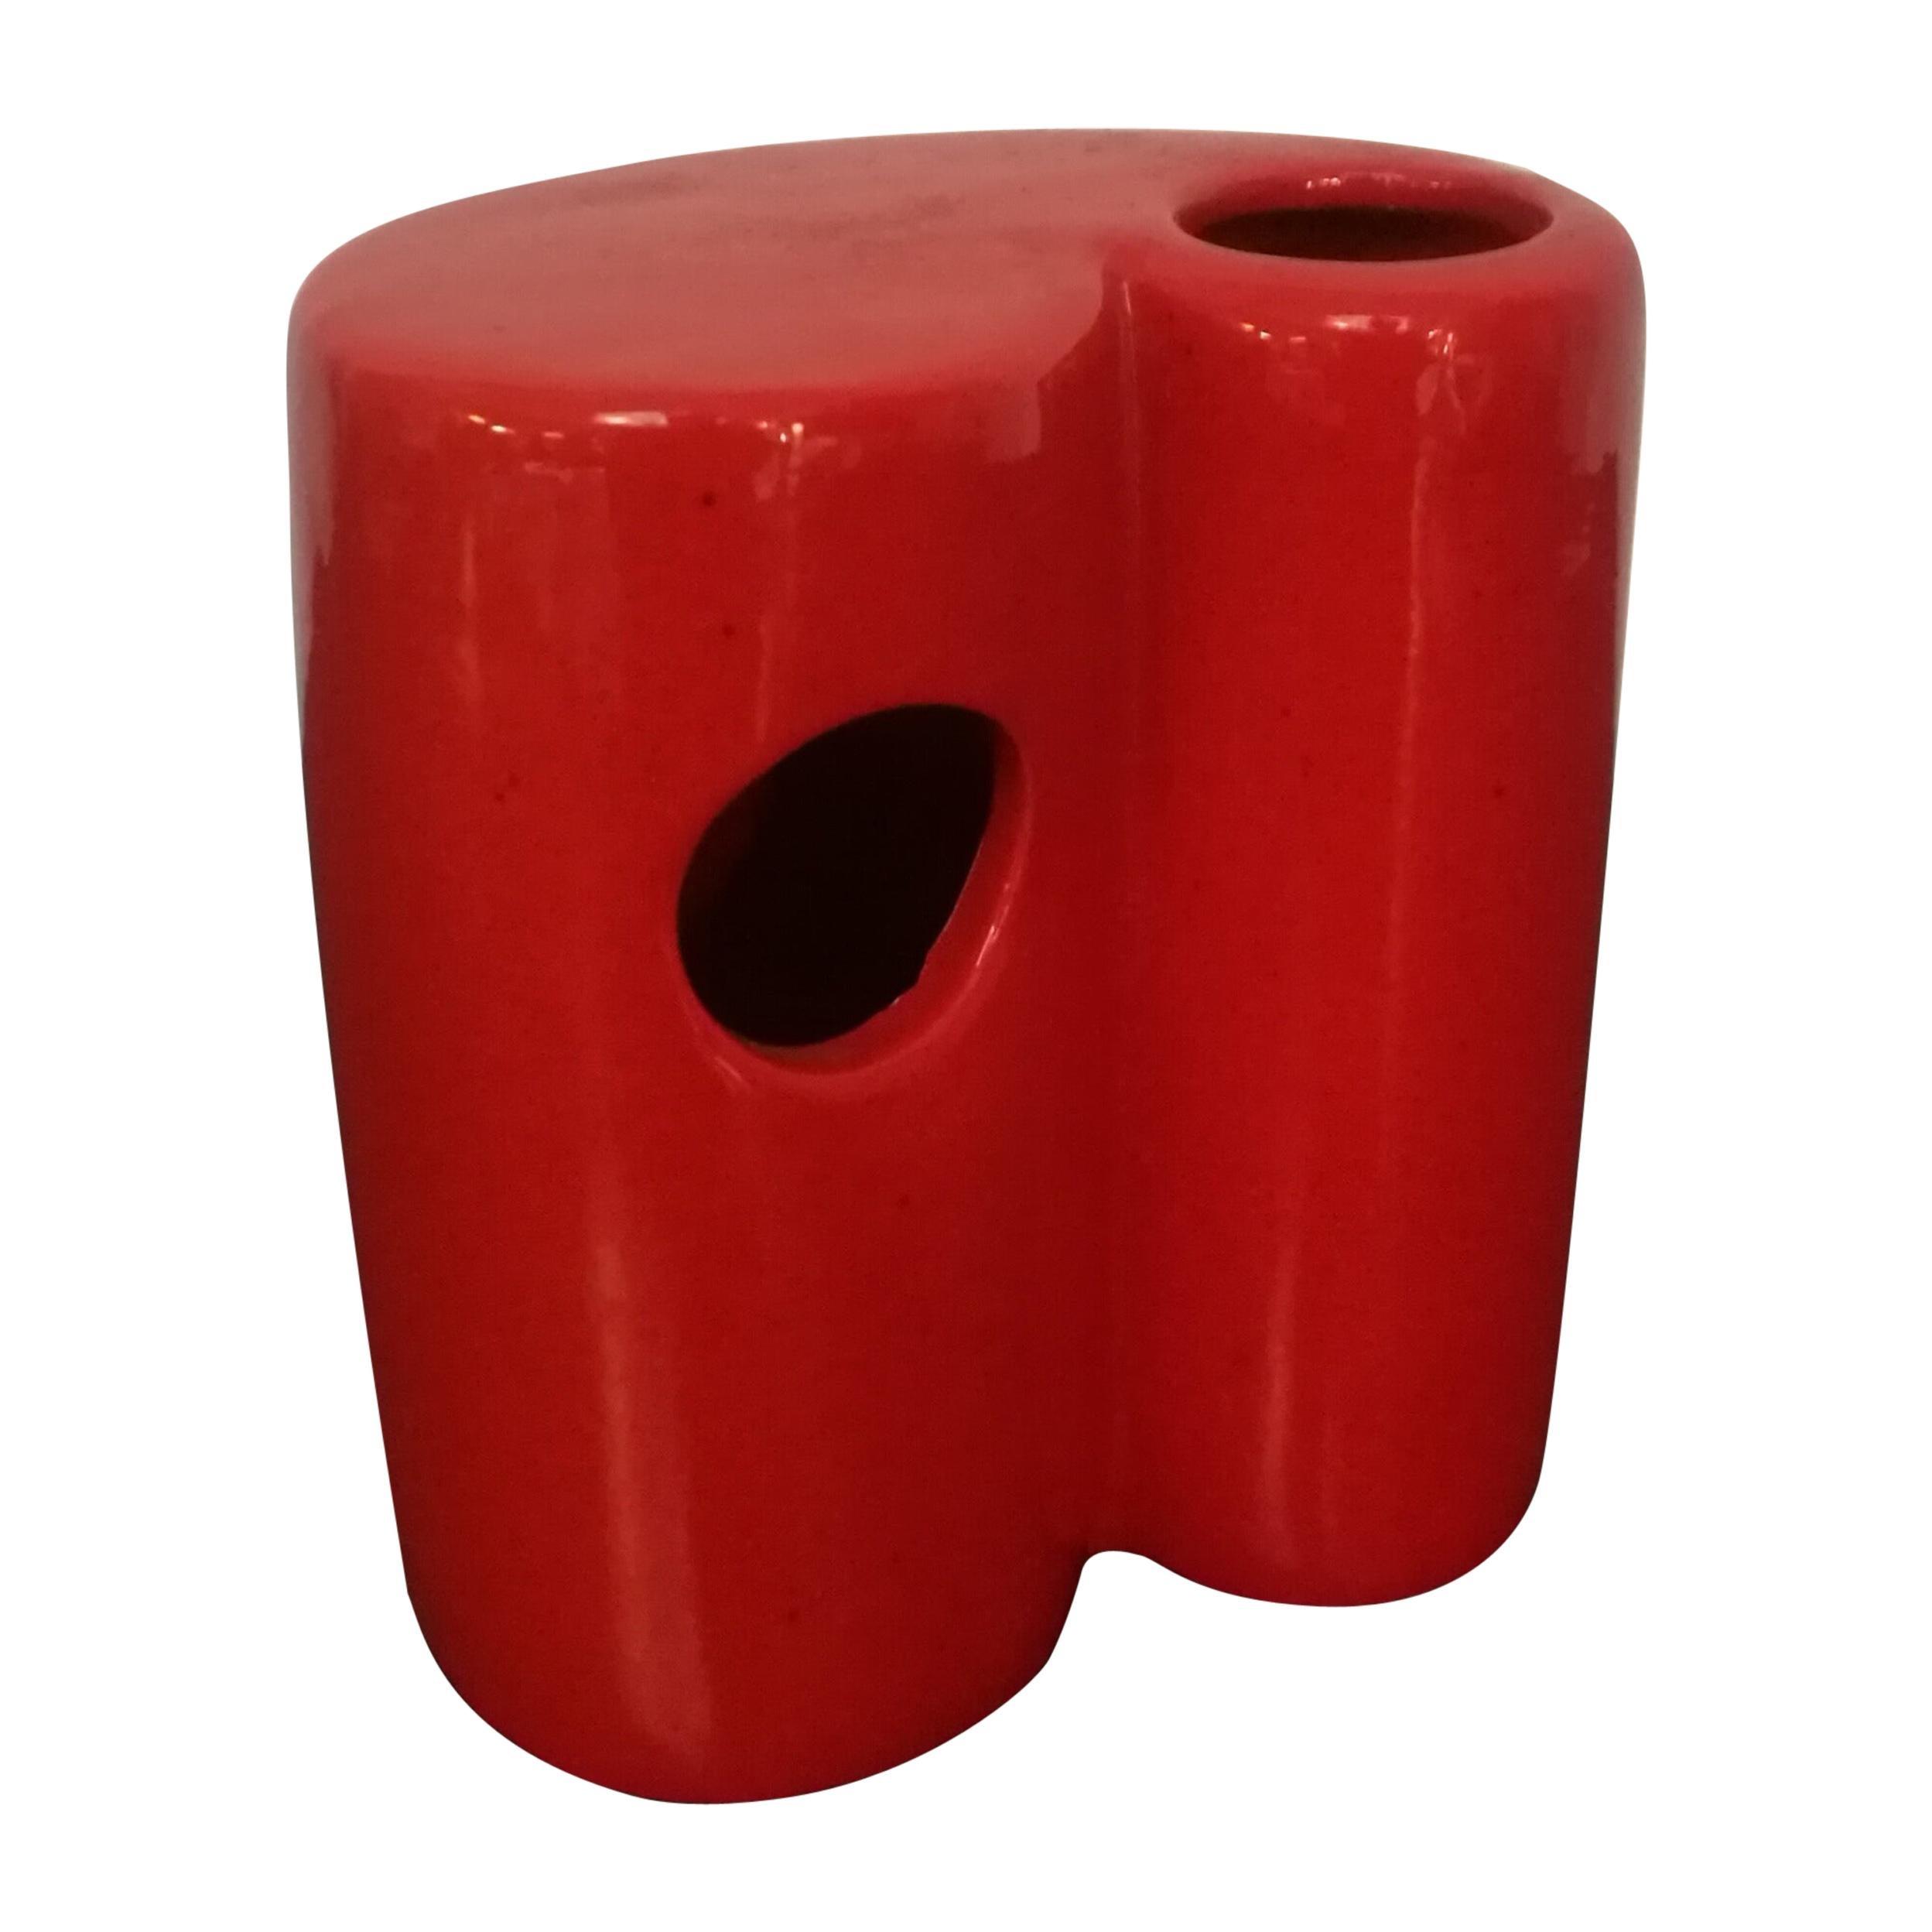 Italian Red Glazed Ceramic Vase, 1970s